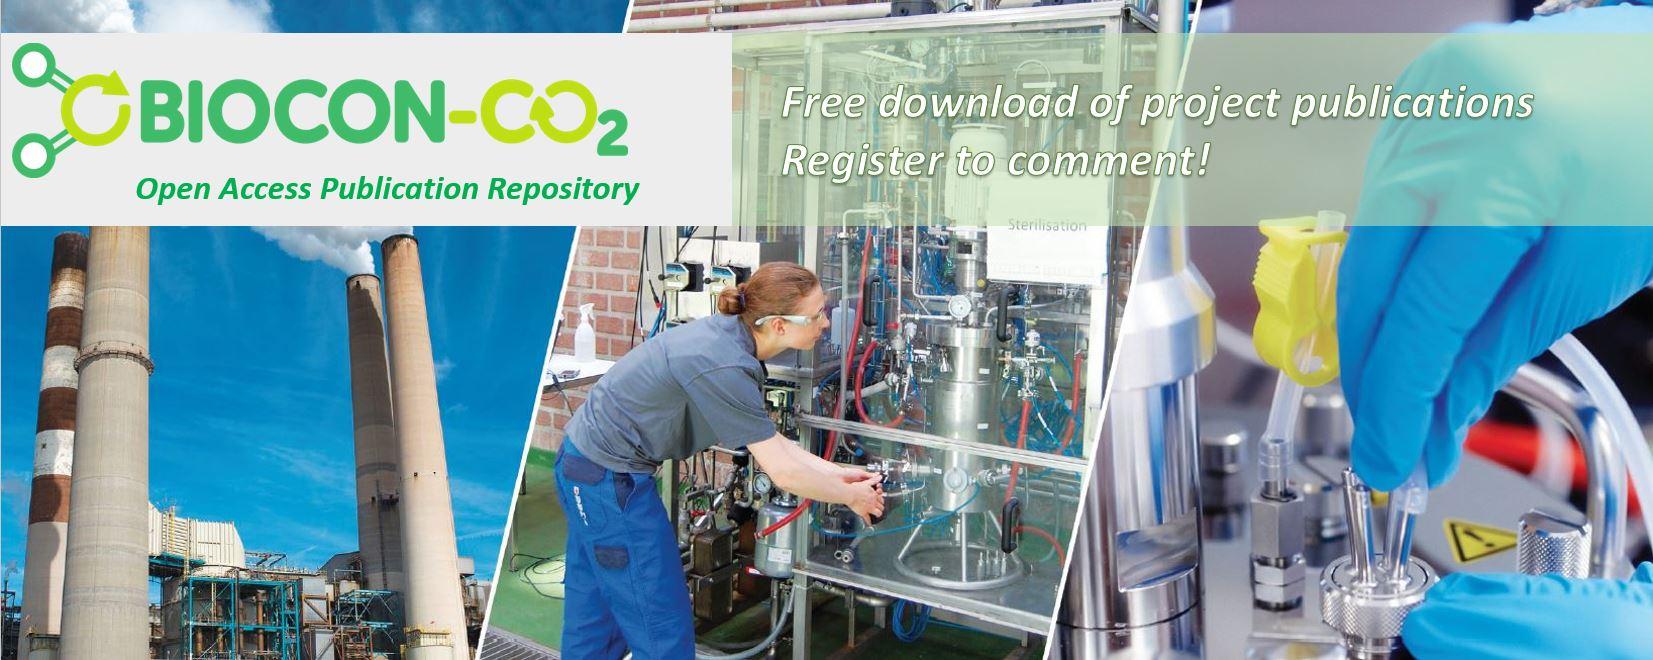 BIOCON-CO2 Open Access Publication Repository